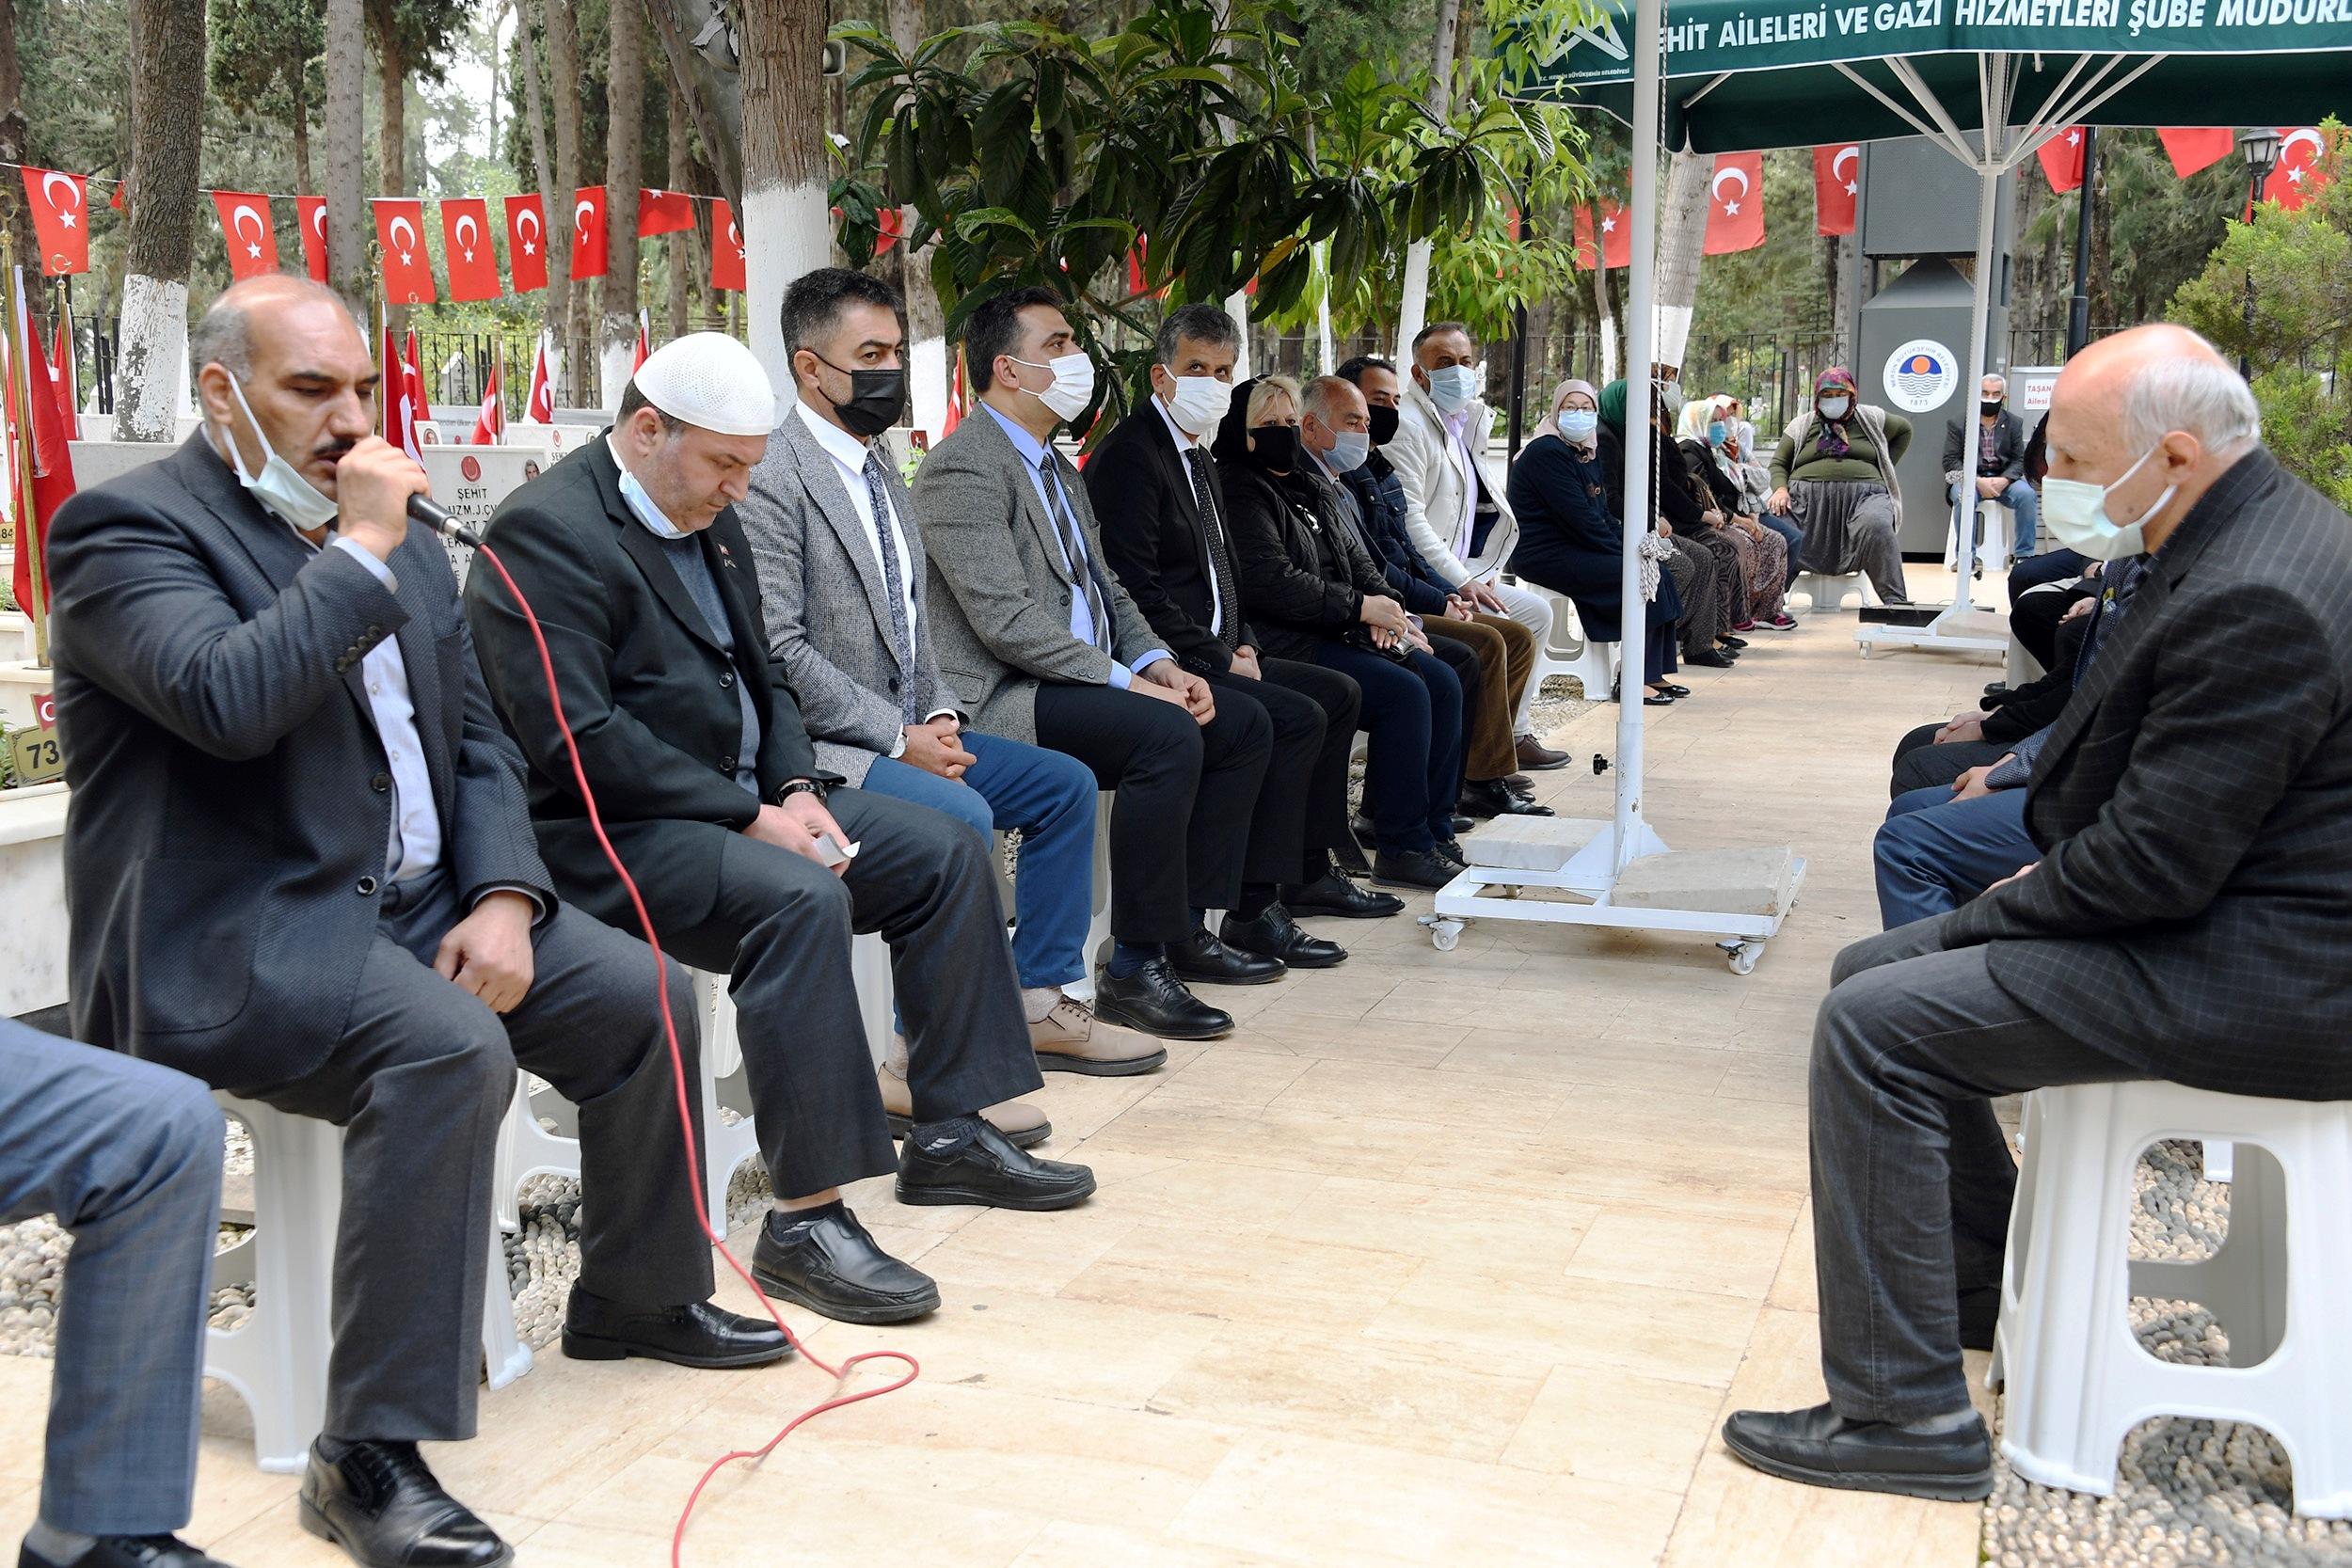 BÜYÜKŞEHİR, ŞEHİTLER HAFTASI'NDA ŞEHİTLERİ DUALARLA ANDI